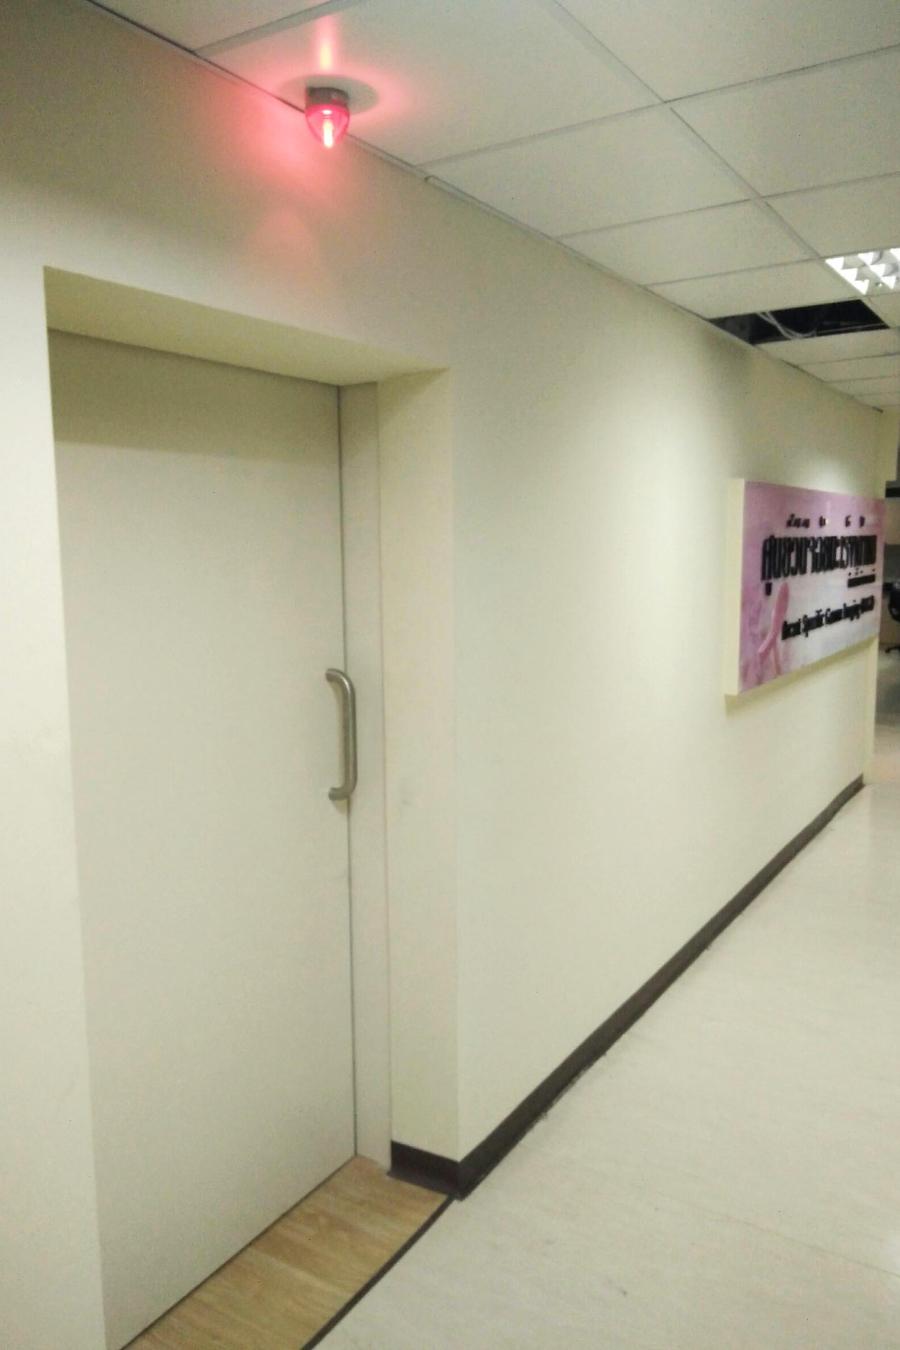 ปรับปรุง โรงพยาบาลรามาธิบดี (3)